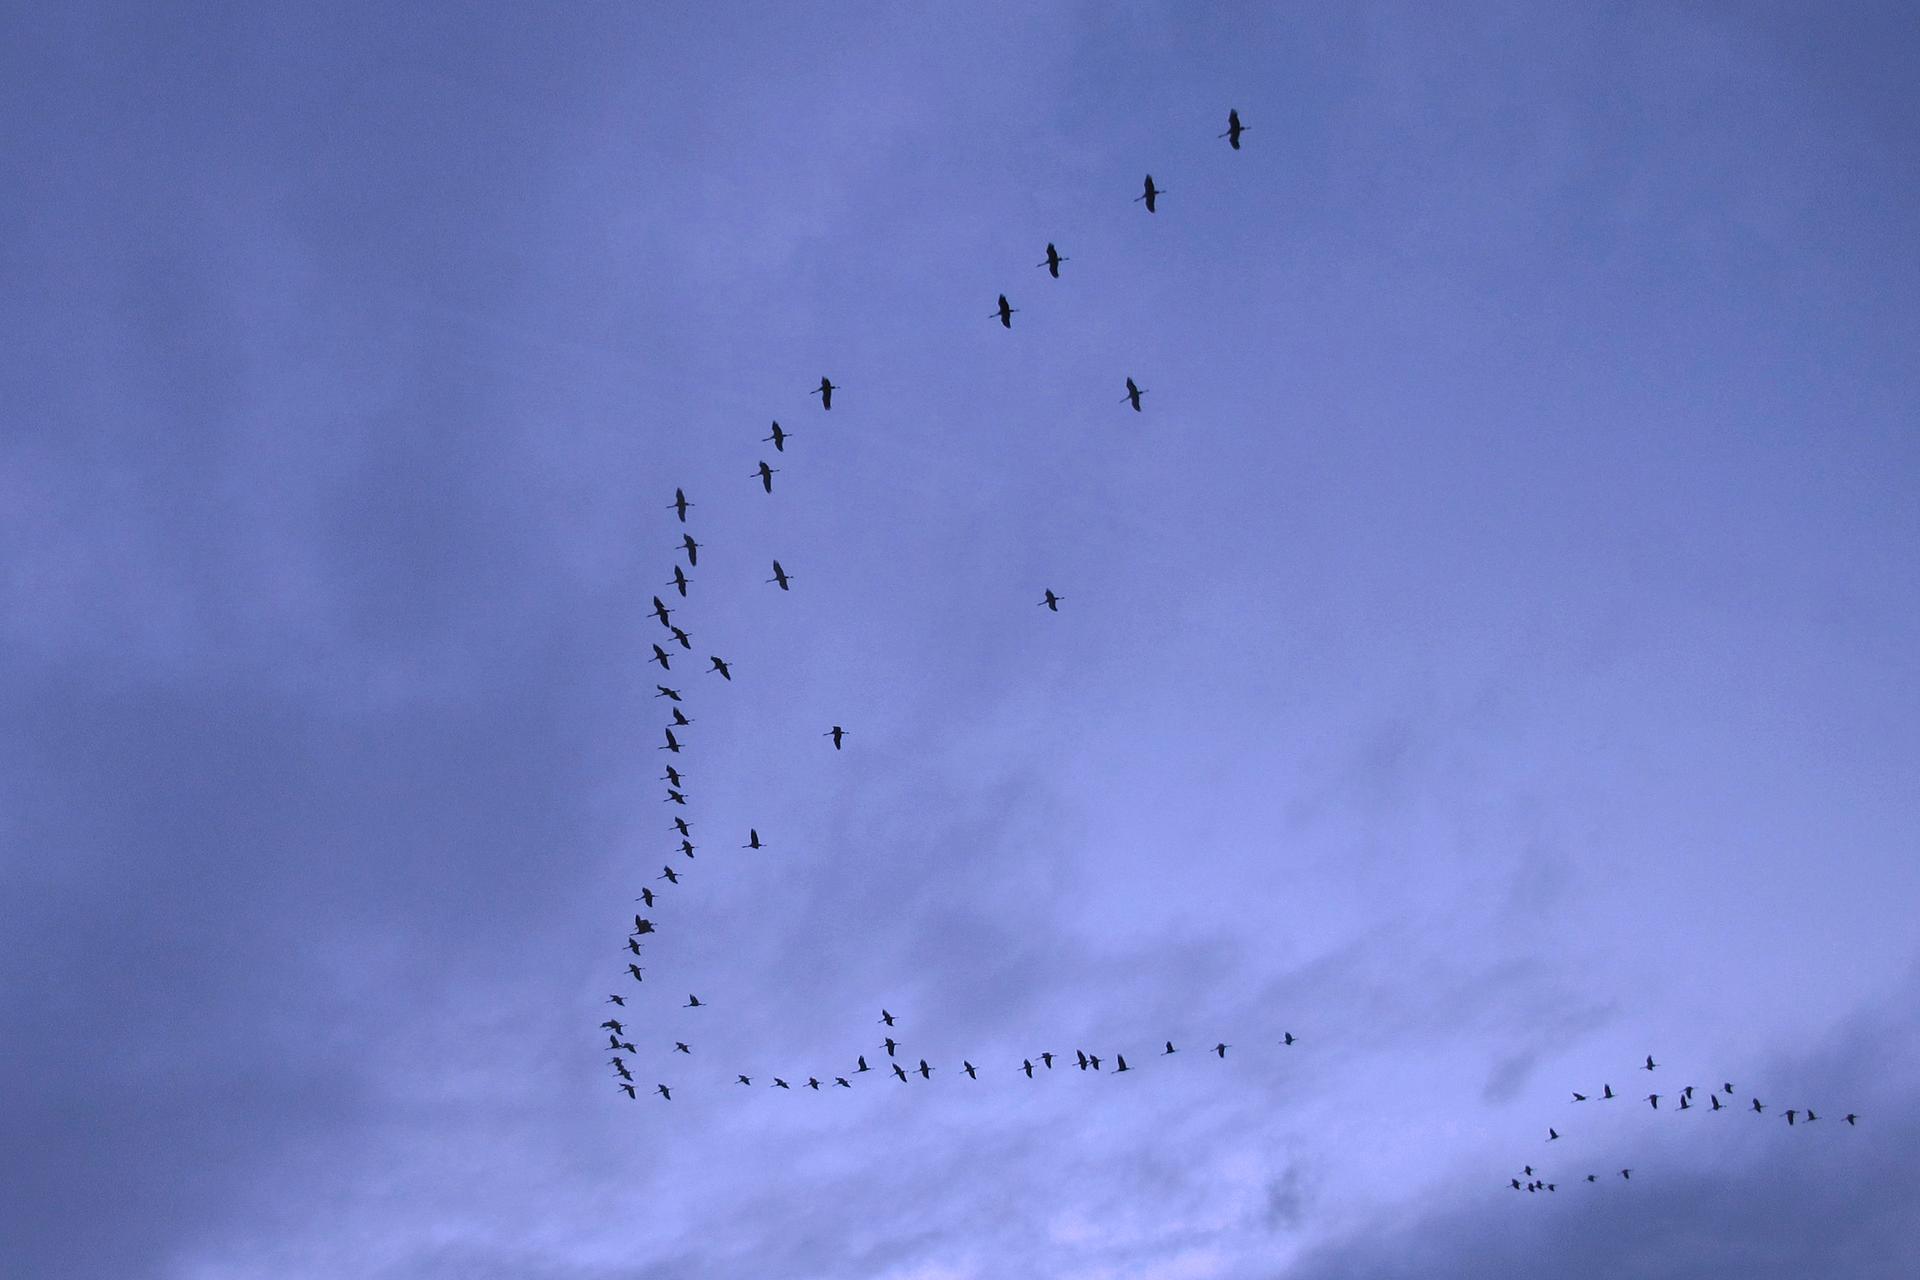 Zdjęcie ptaków lecących wkluczu wdalszej perspektywie.